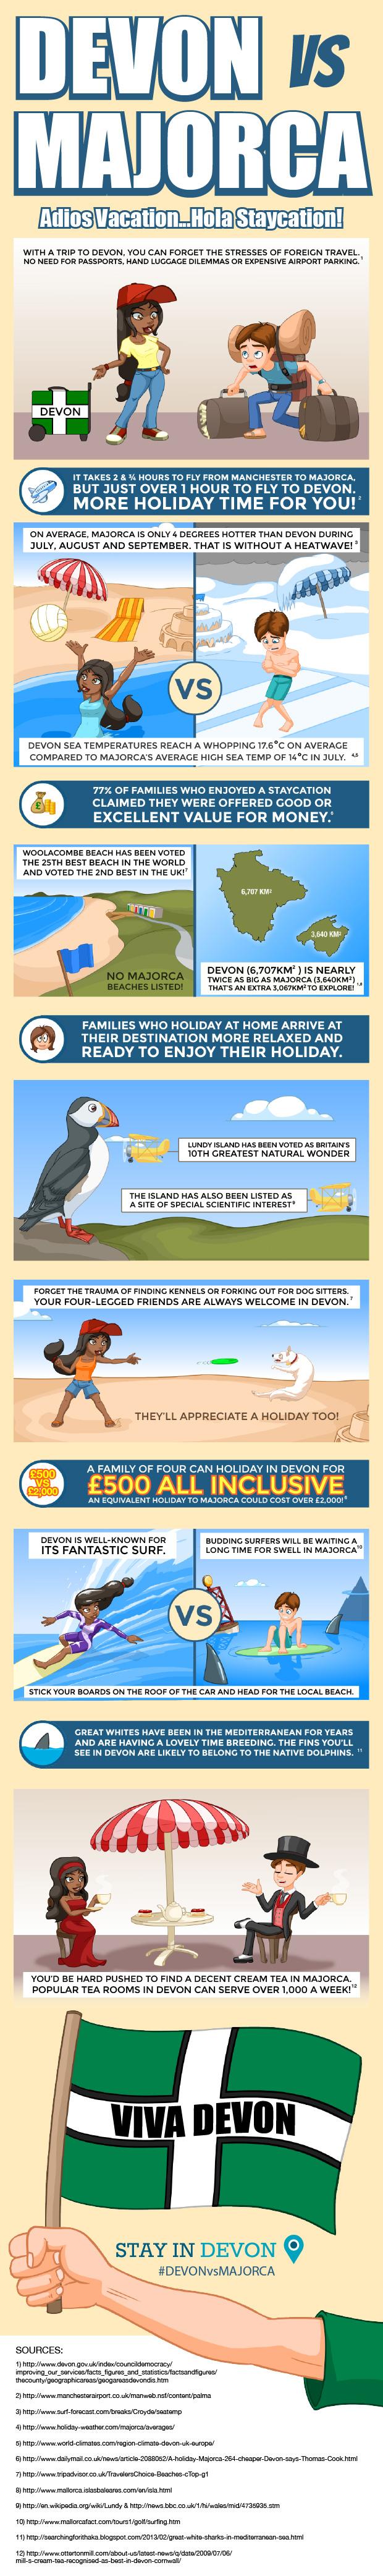 Devon vs Majorca Infographic